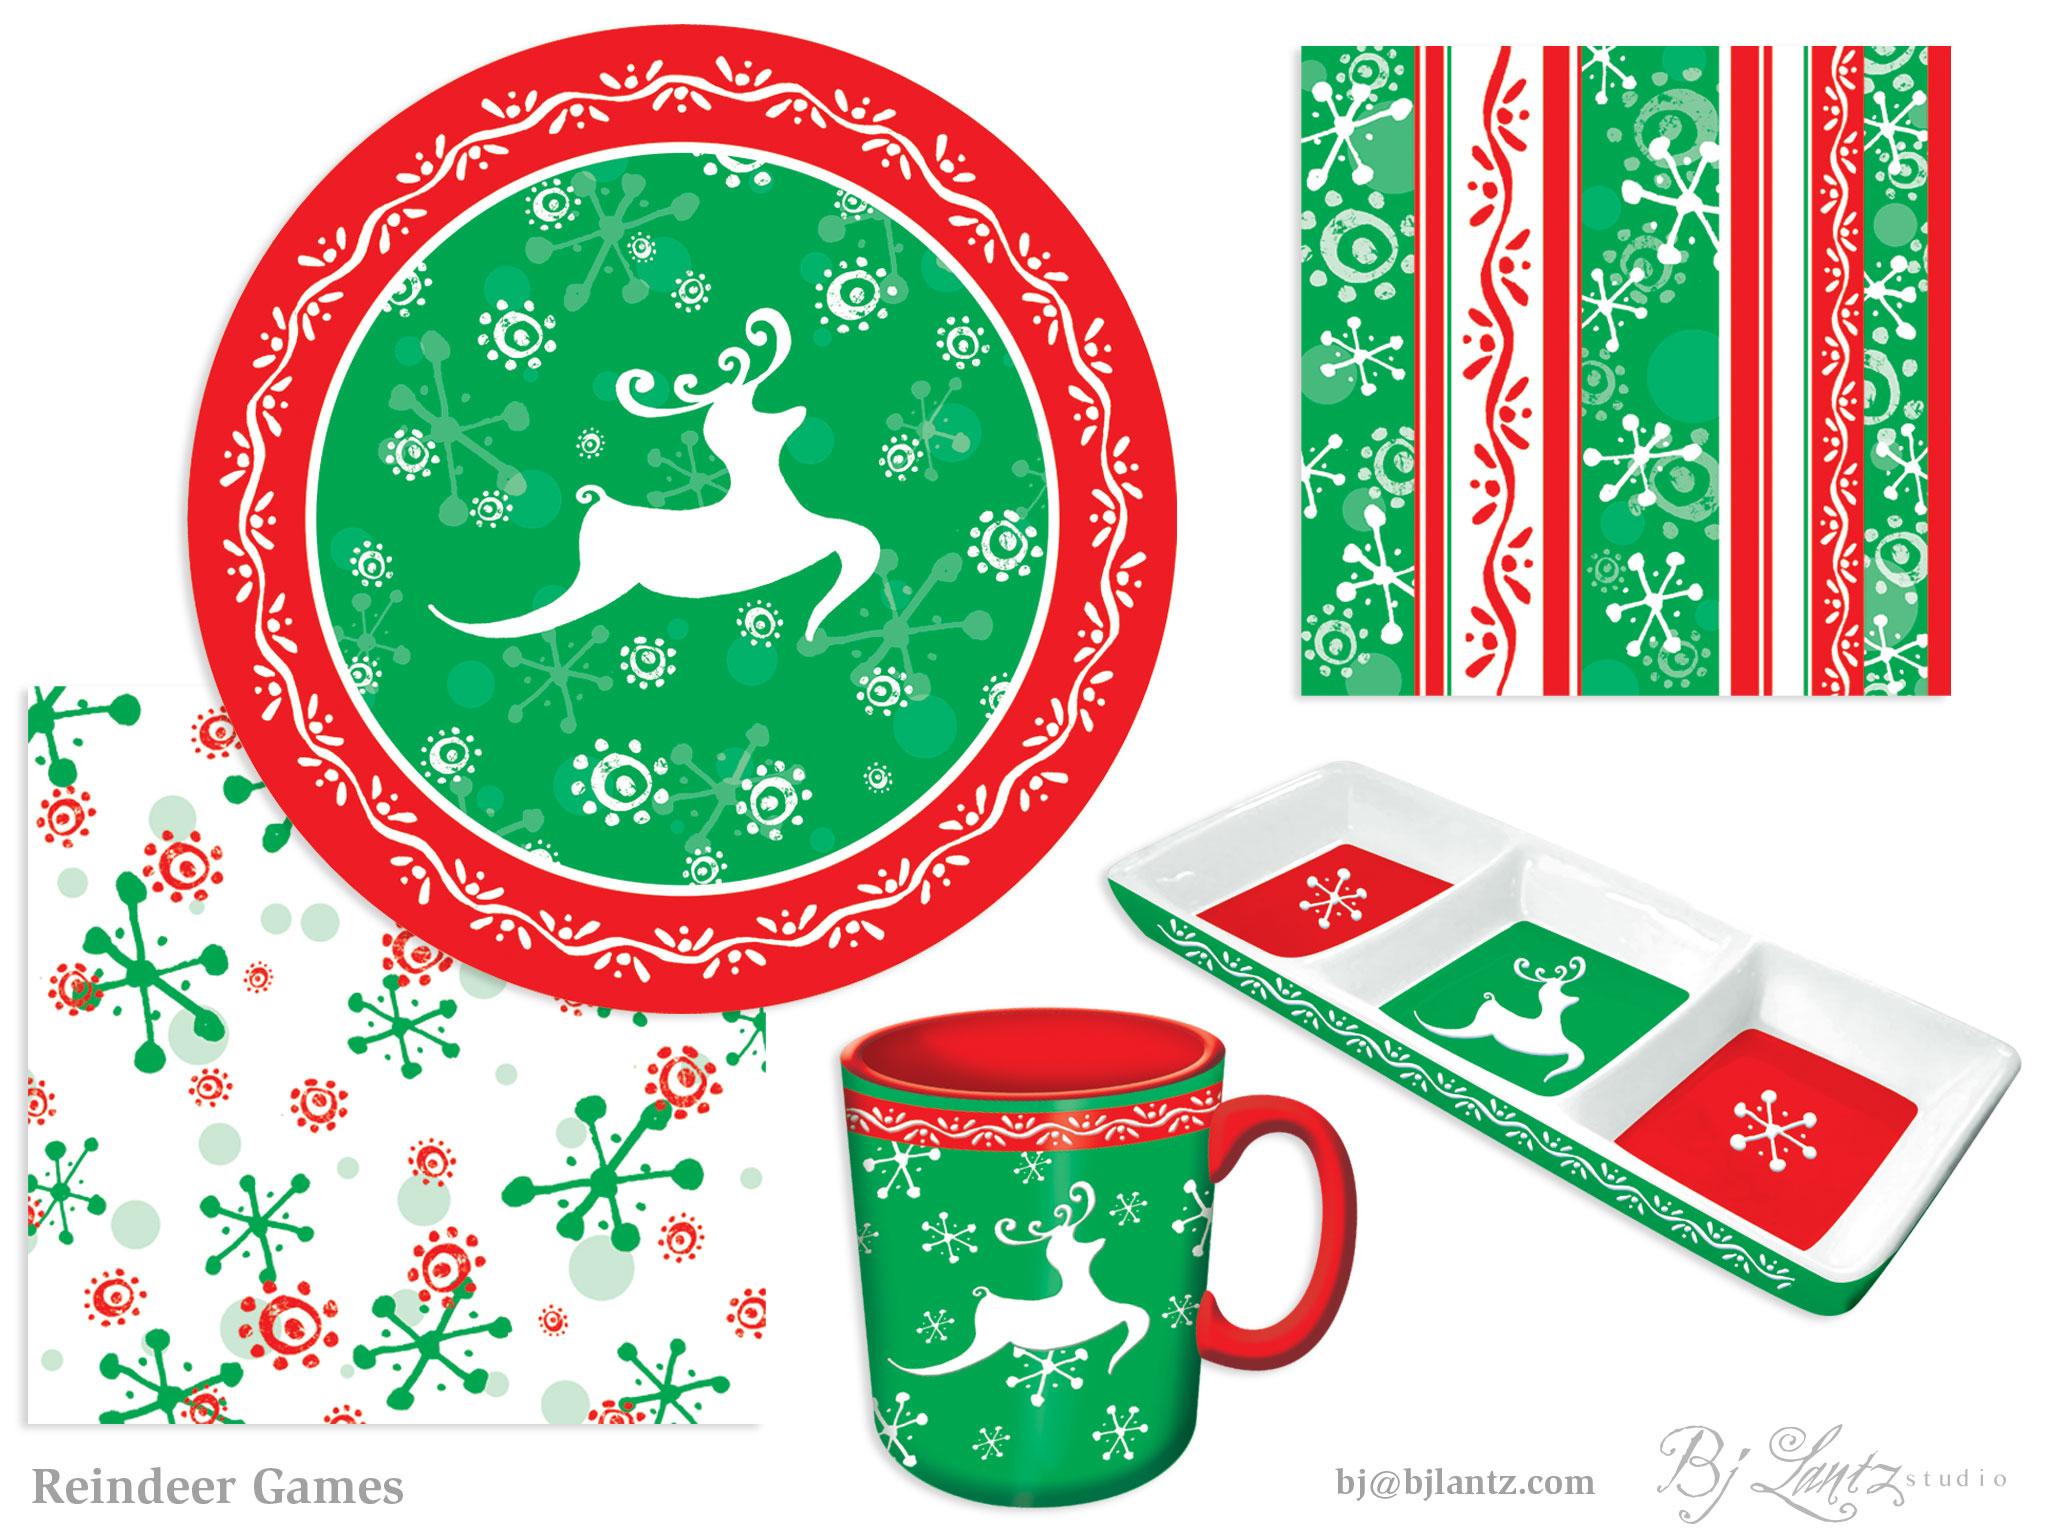 ReindeerGames_portfolio_1.jpg